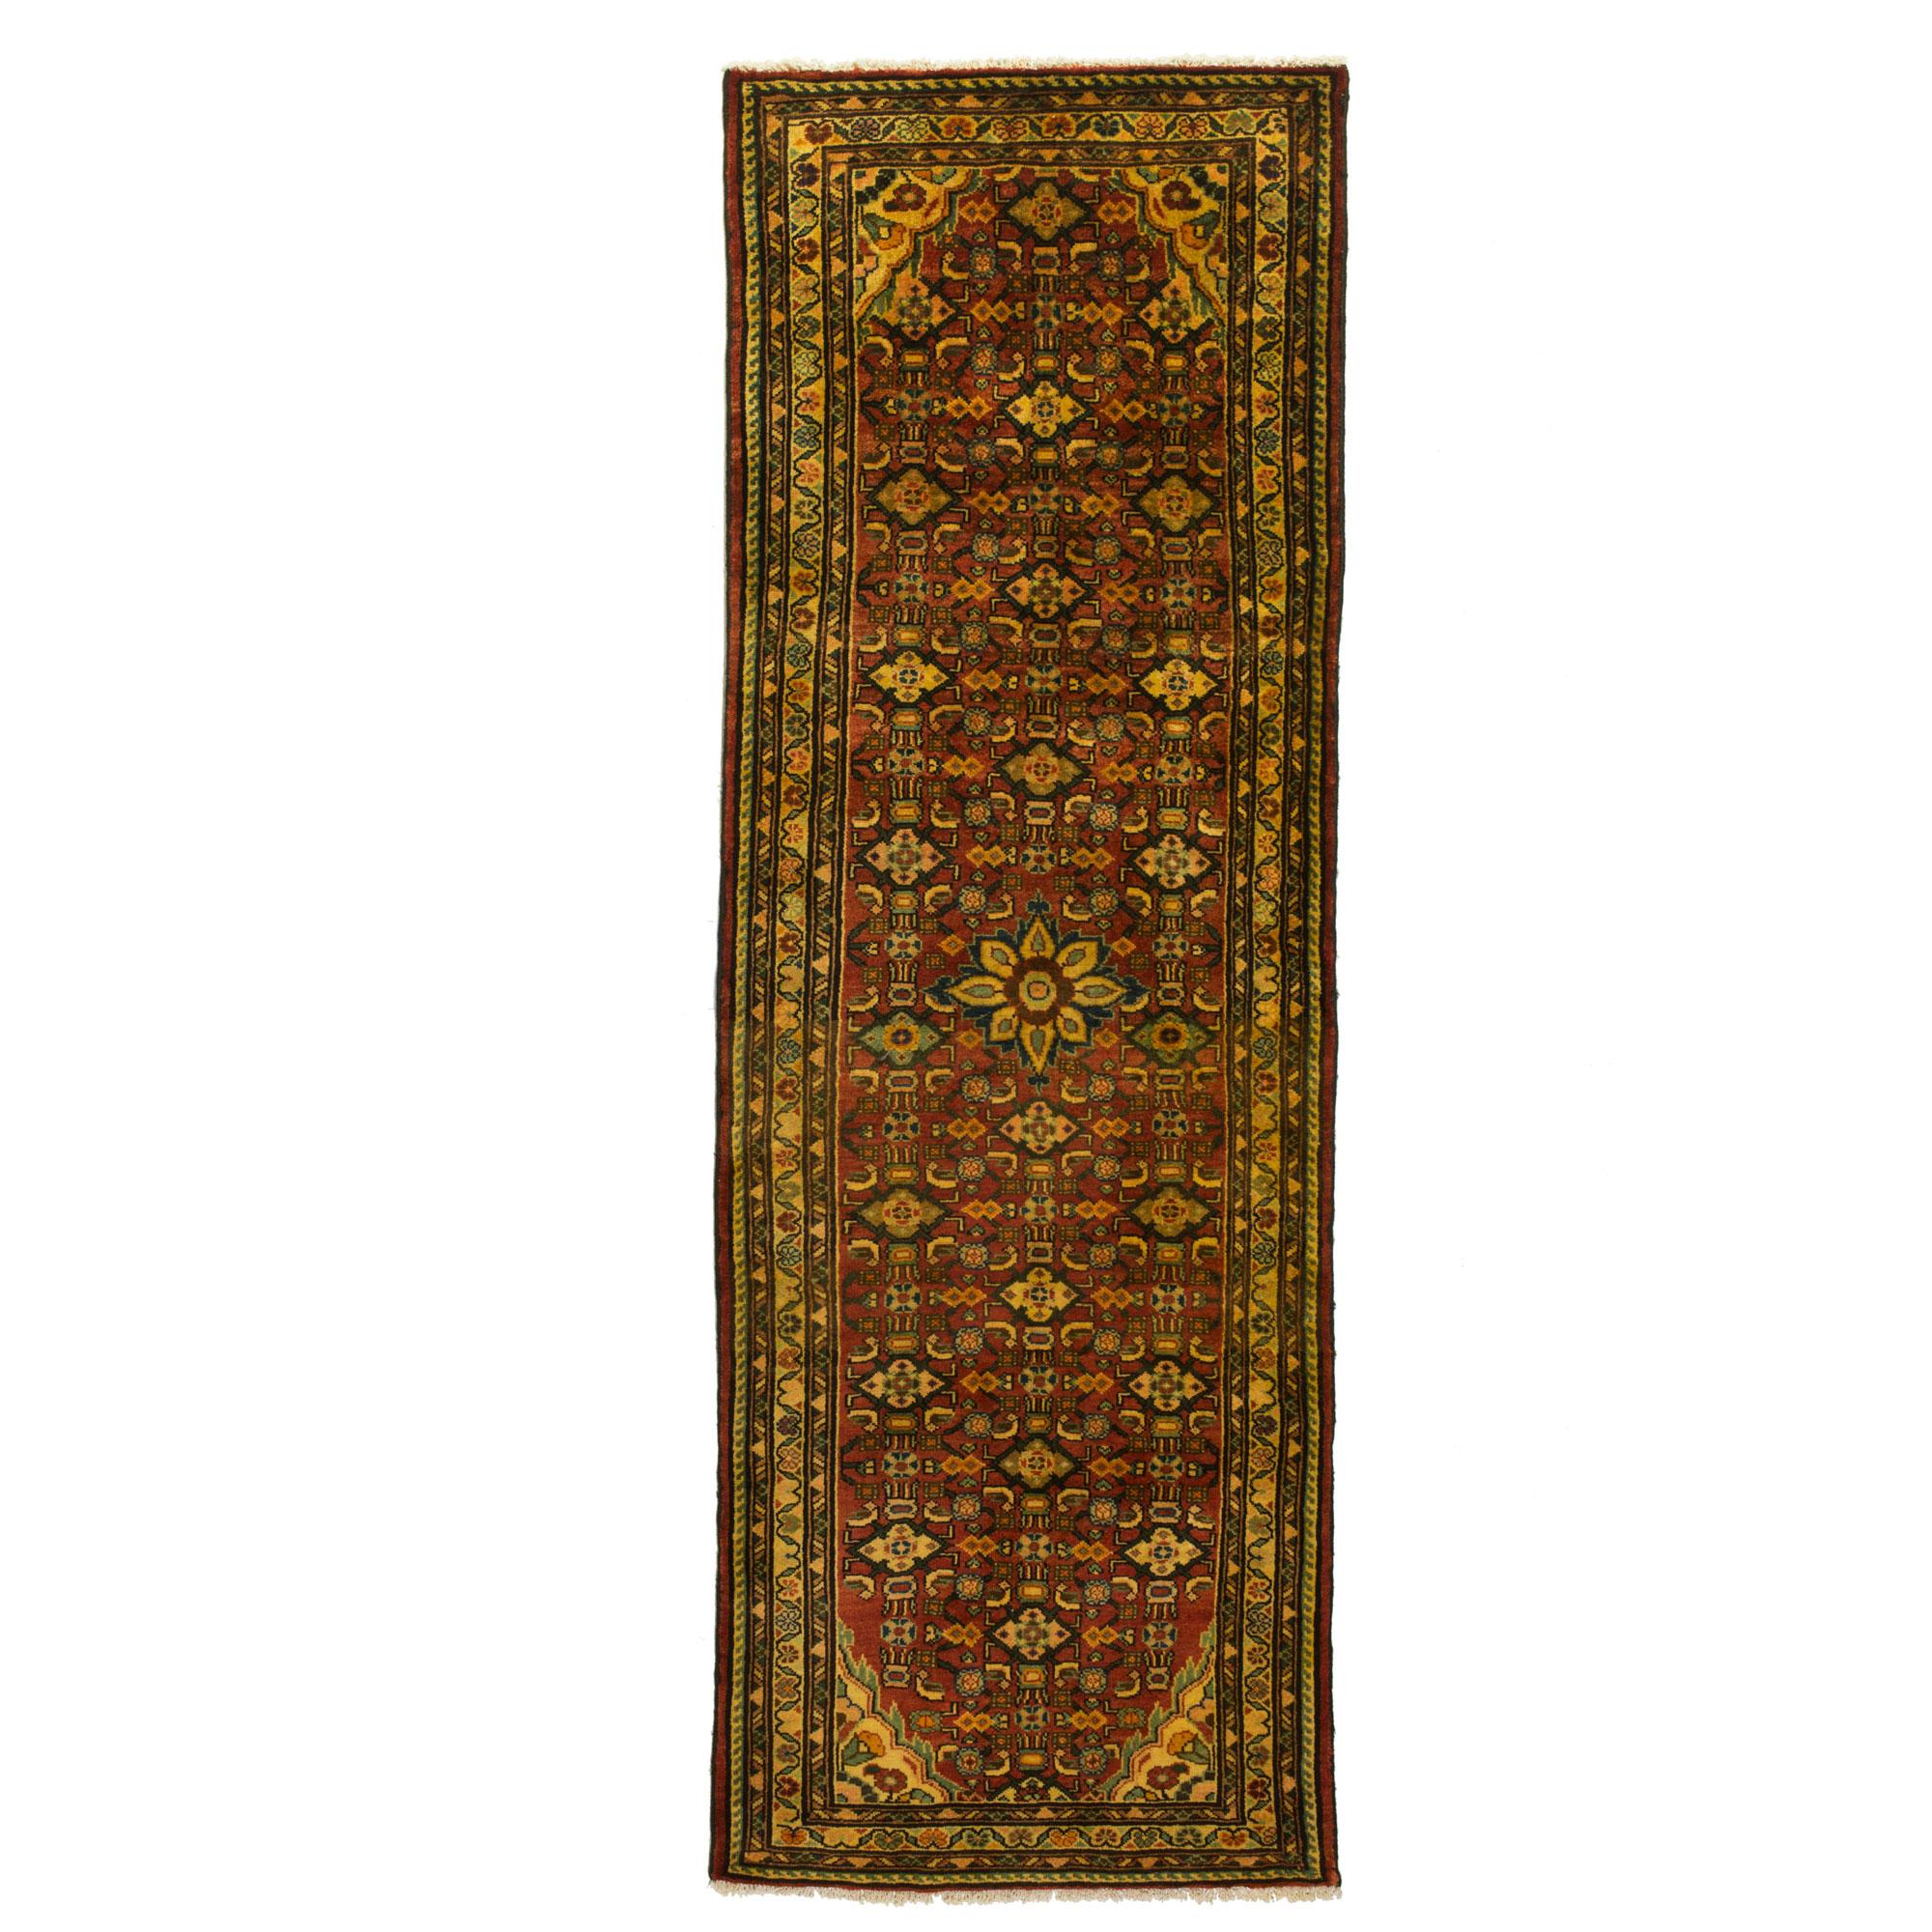 Persian Carpet Fish Design